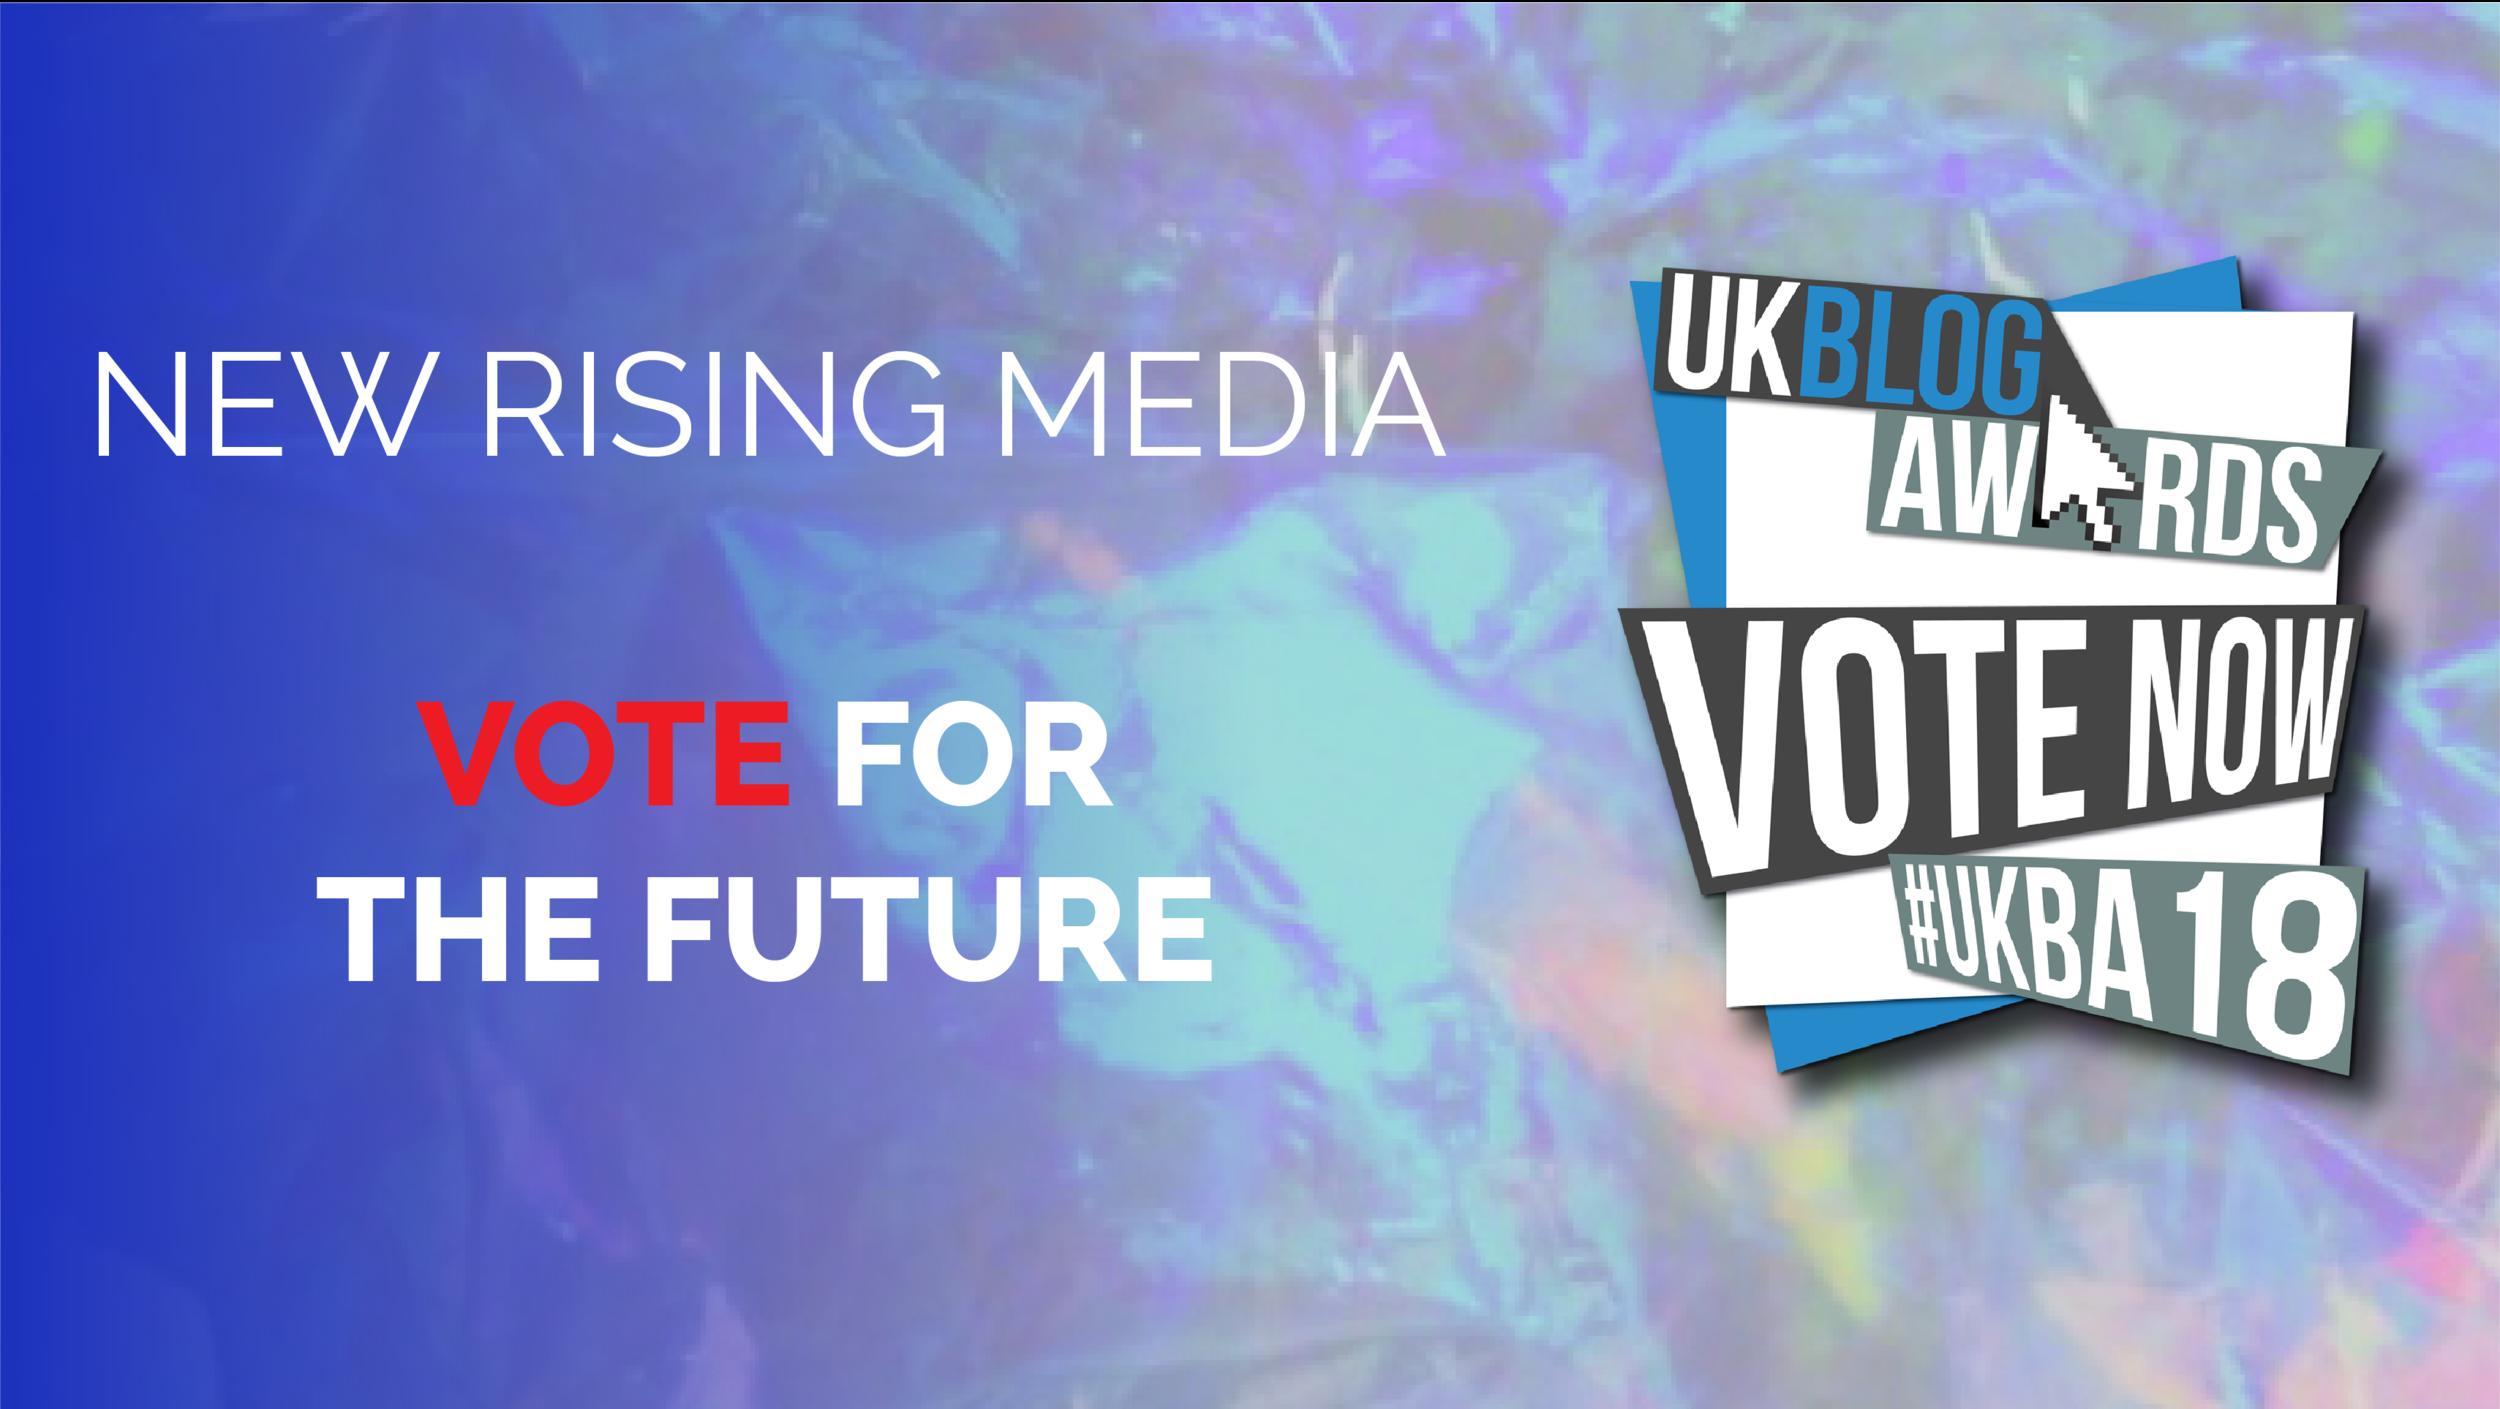 vote for new rising media uk blog awards 2018